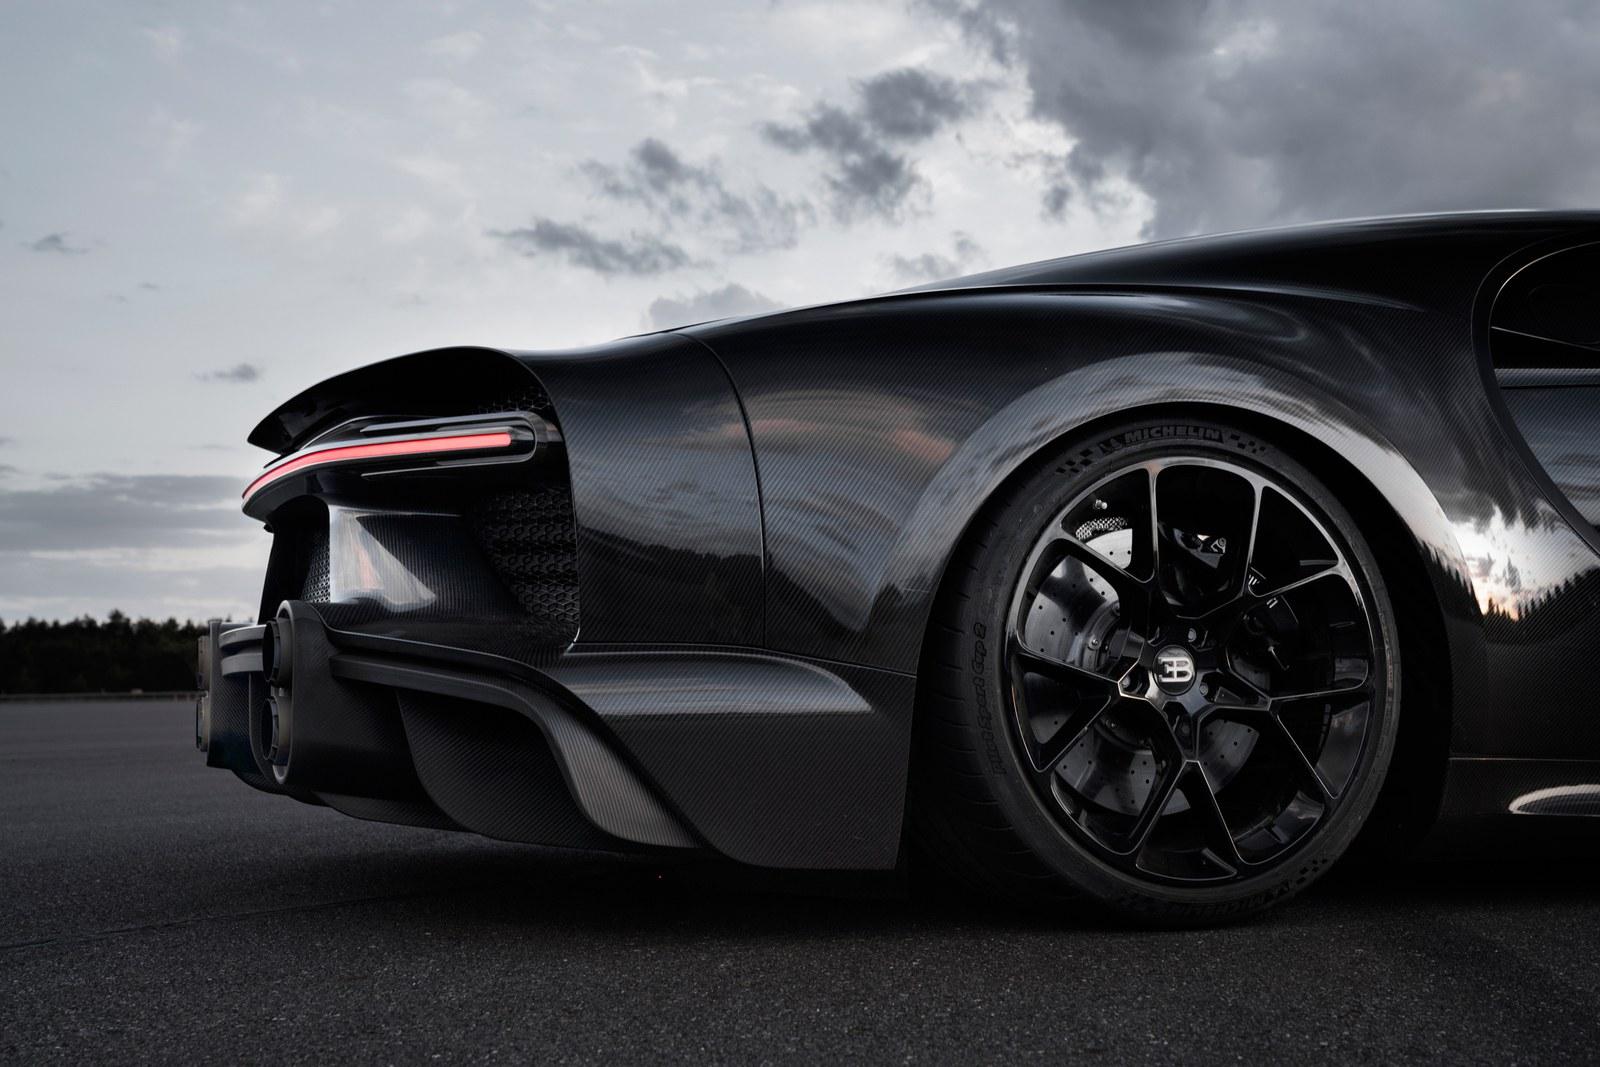 Super Bugatti Chiron